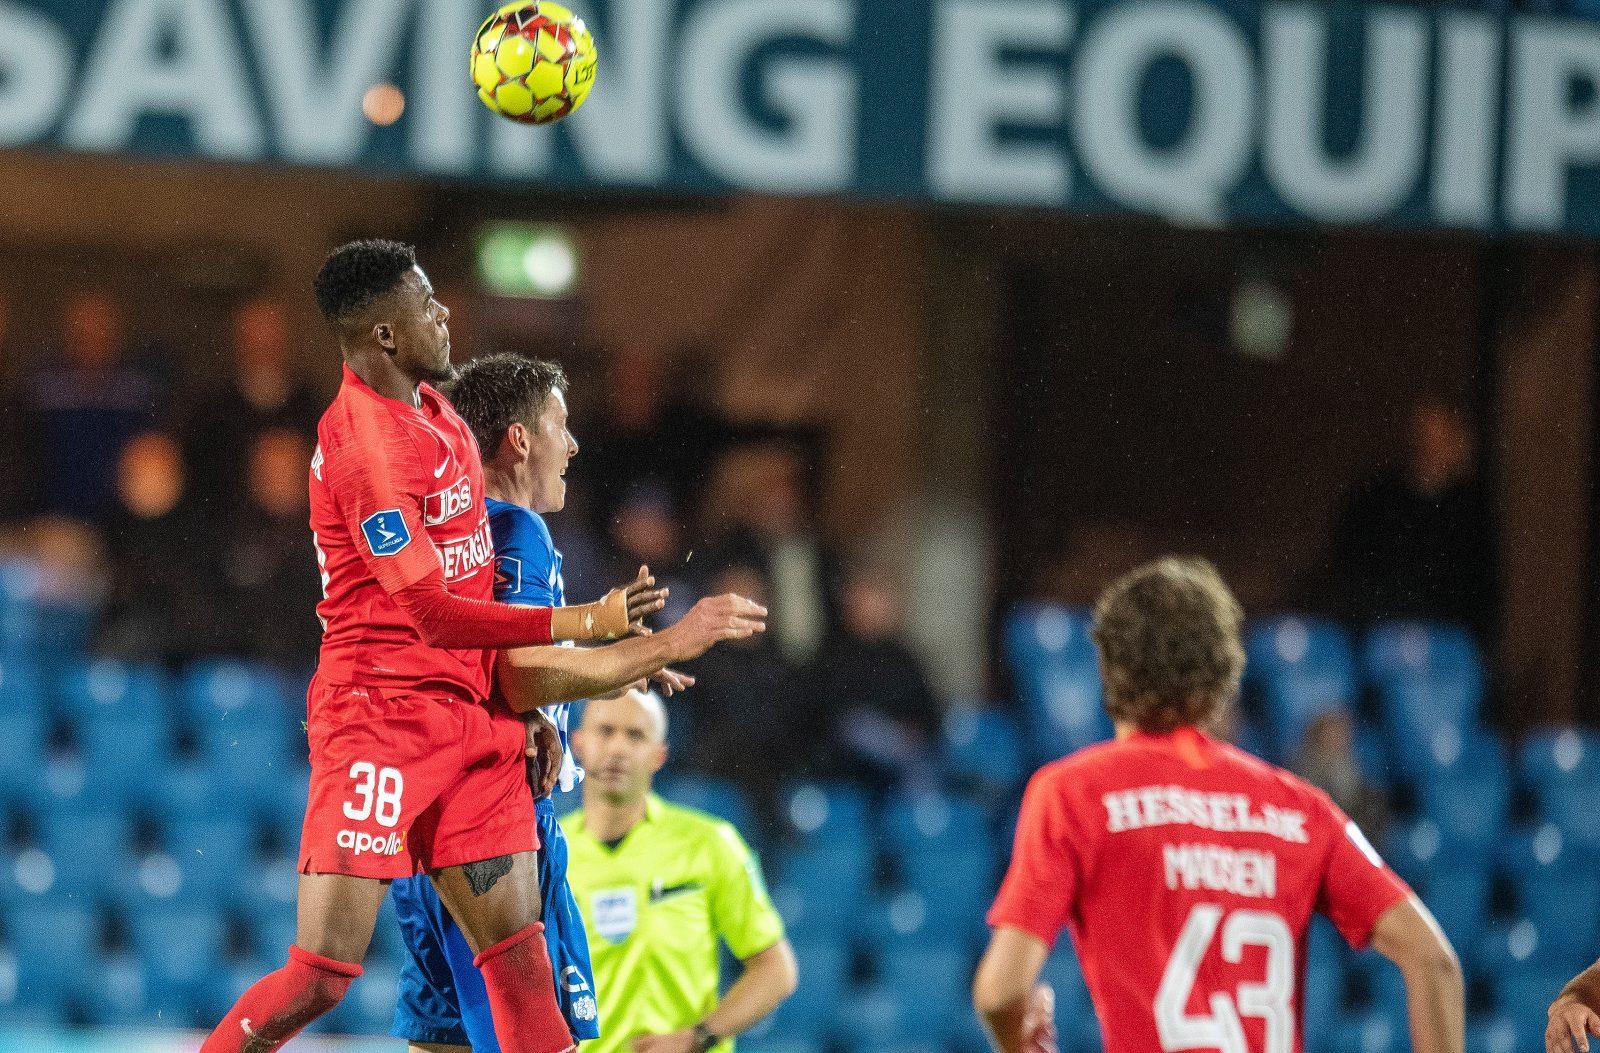 Esbjerg fB-FC Midtjylland-11